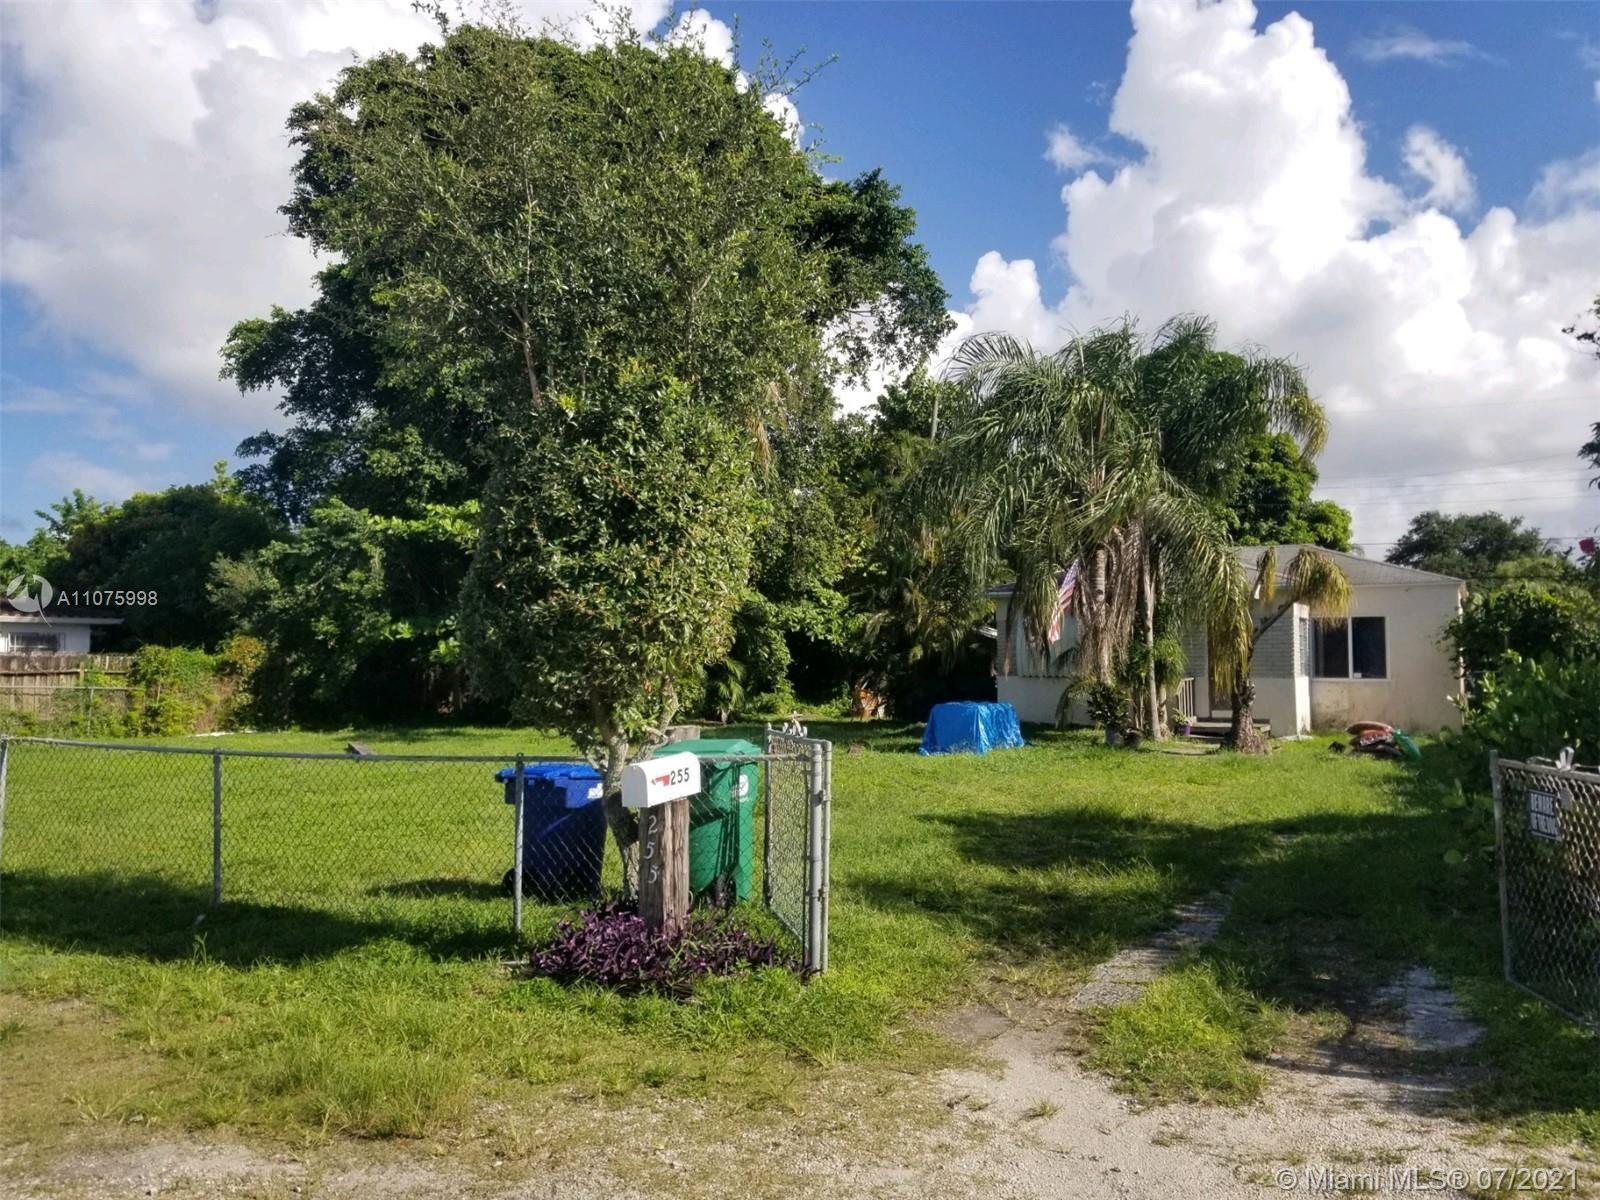 255 NE 161st St, Miami, FL 33162 - #: A11075998